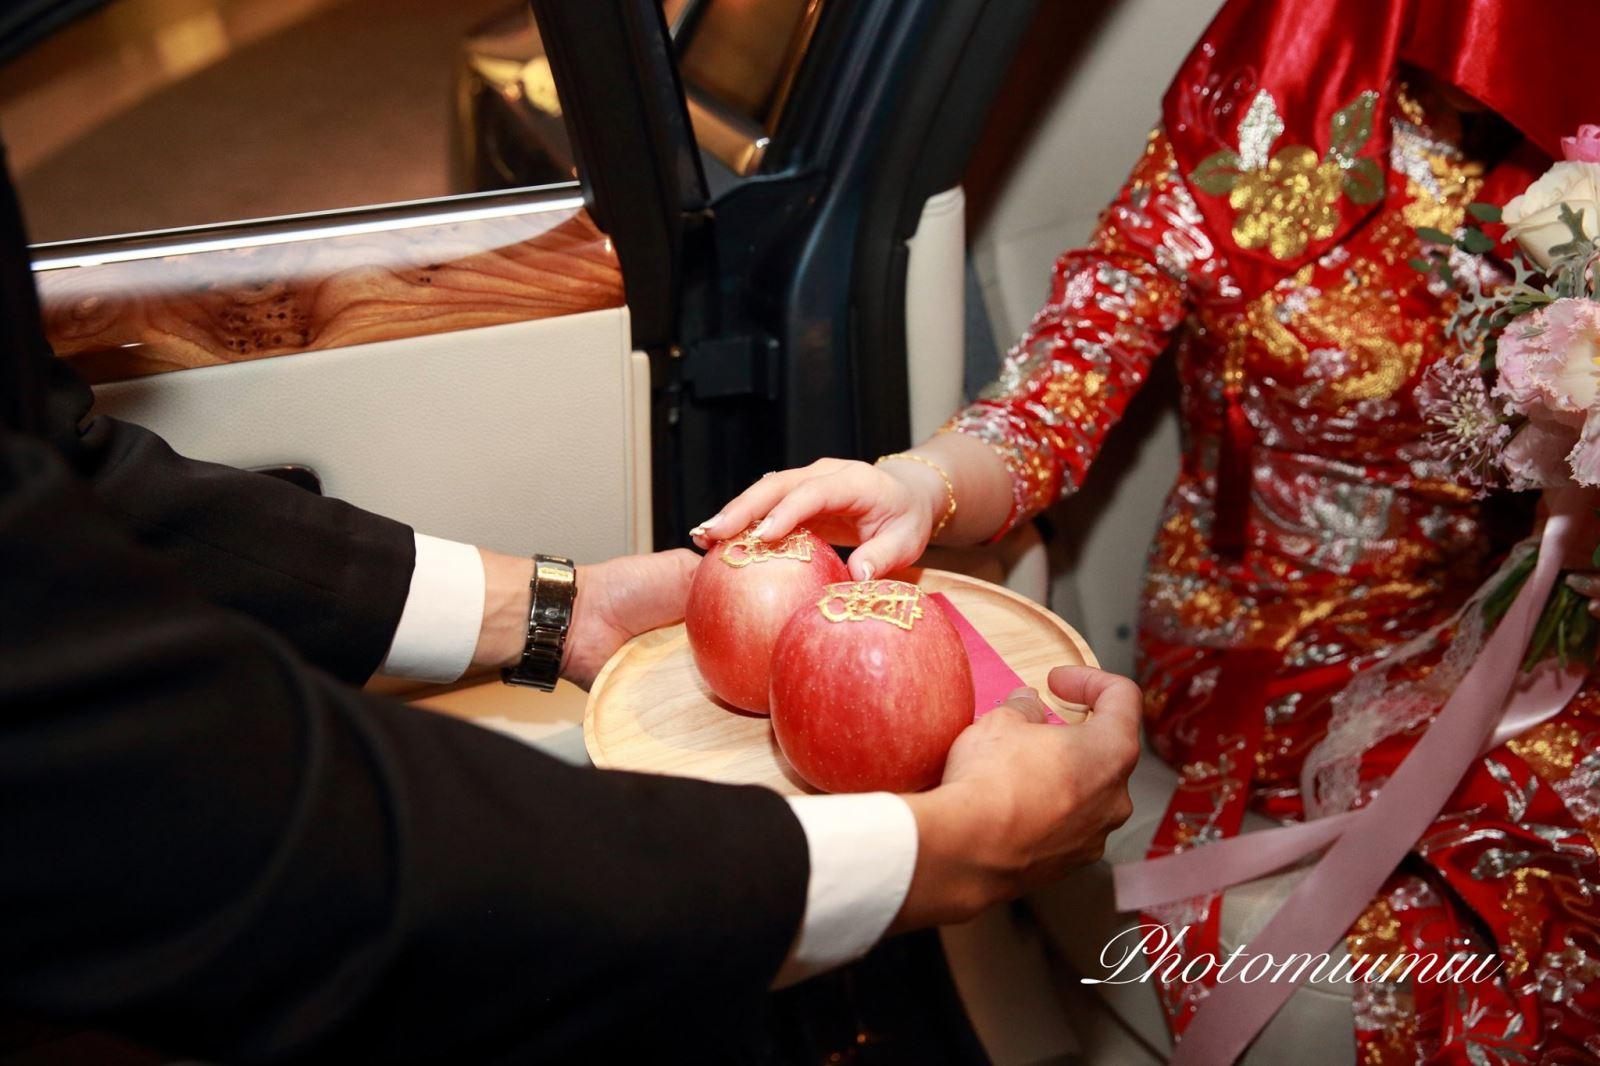 新娘下車摸蘋果給紅包